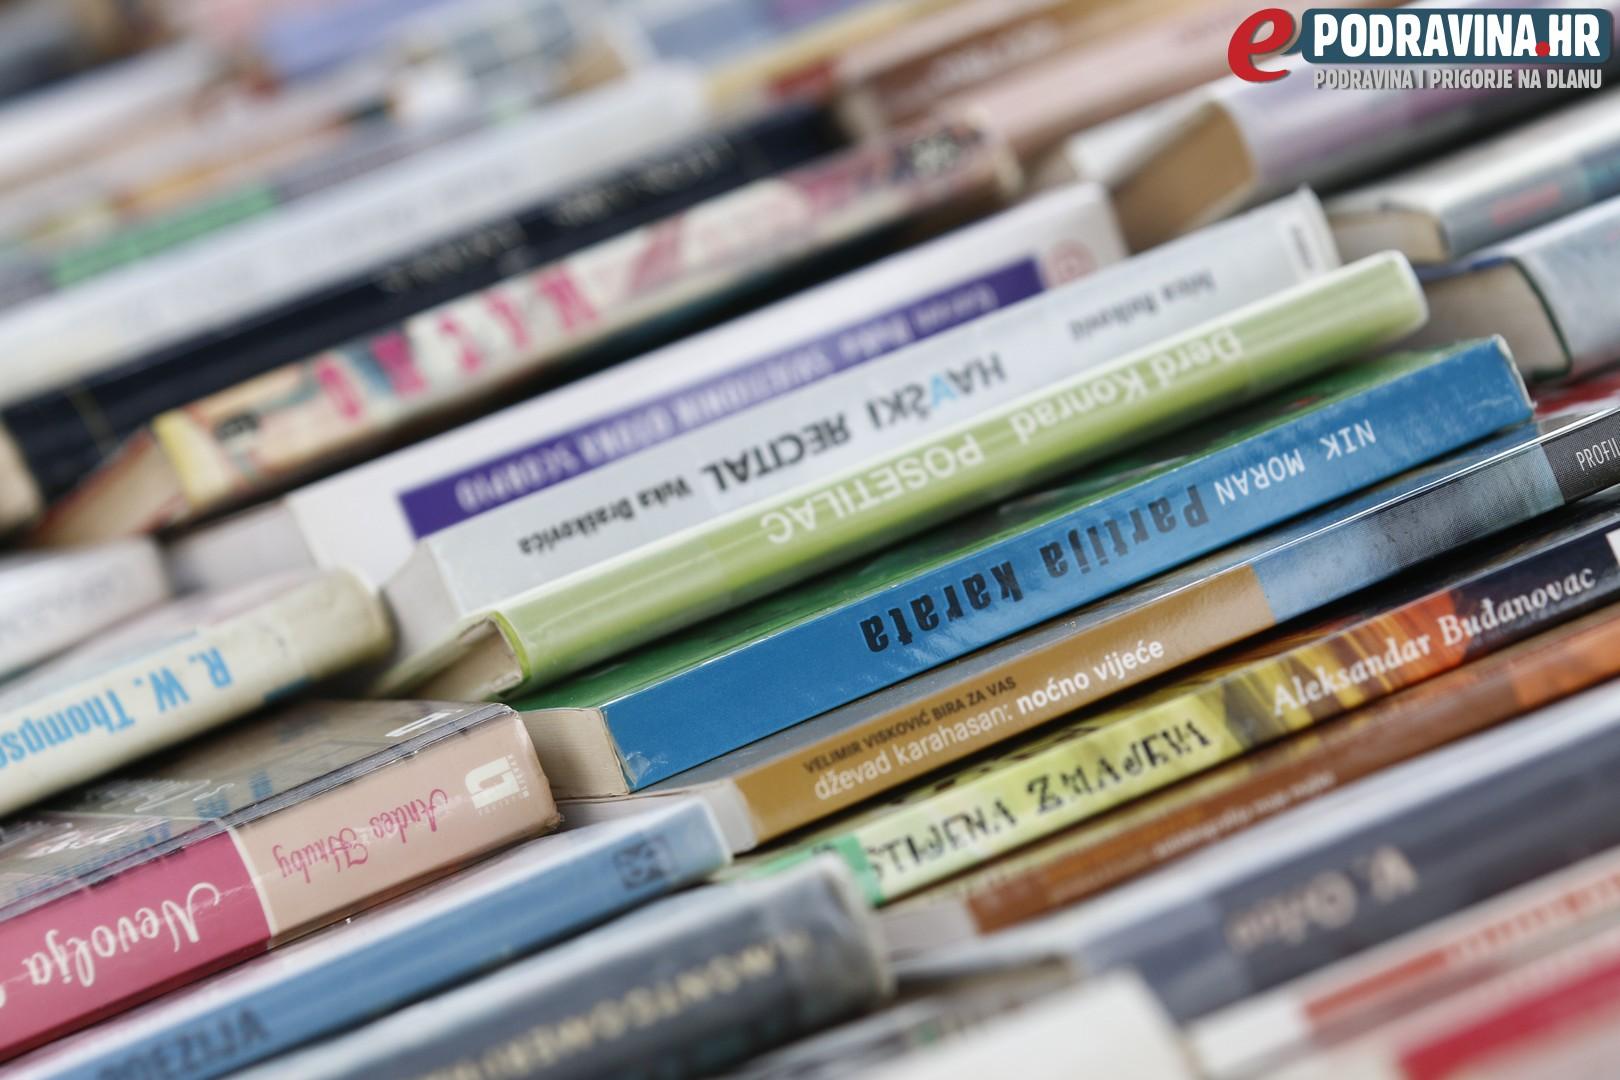 FOTO Skratite vruće ljetne dane atraktivnim sadržajima knjižnice - ePodravina.hr